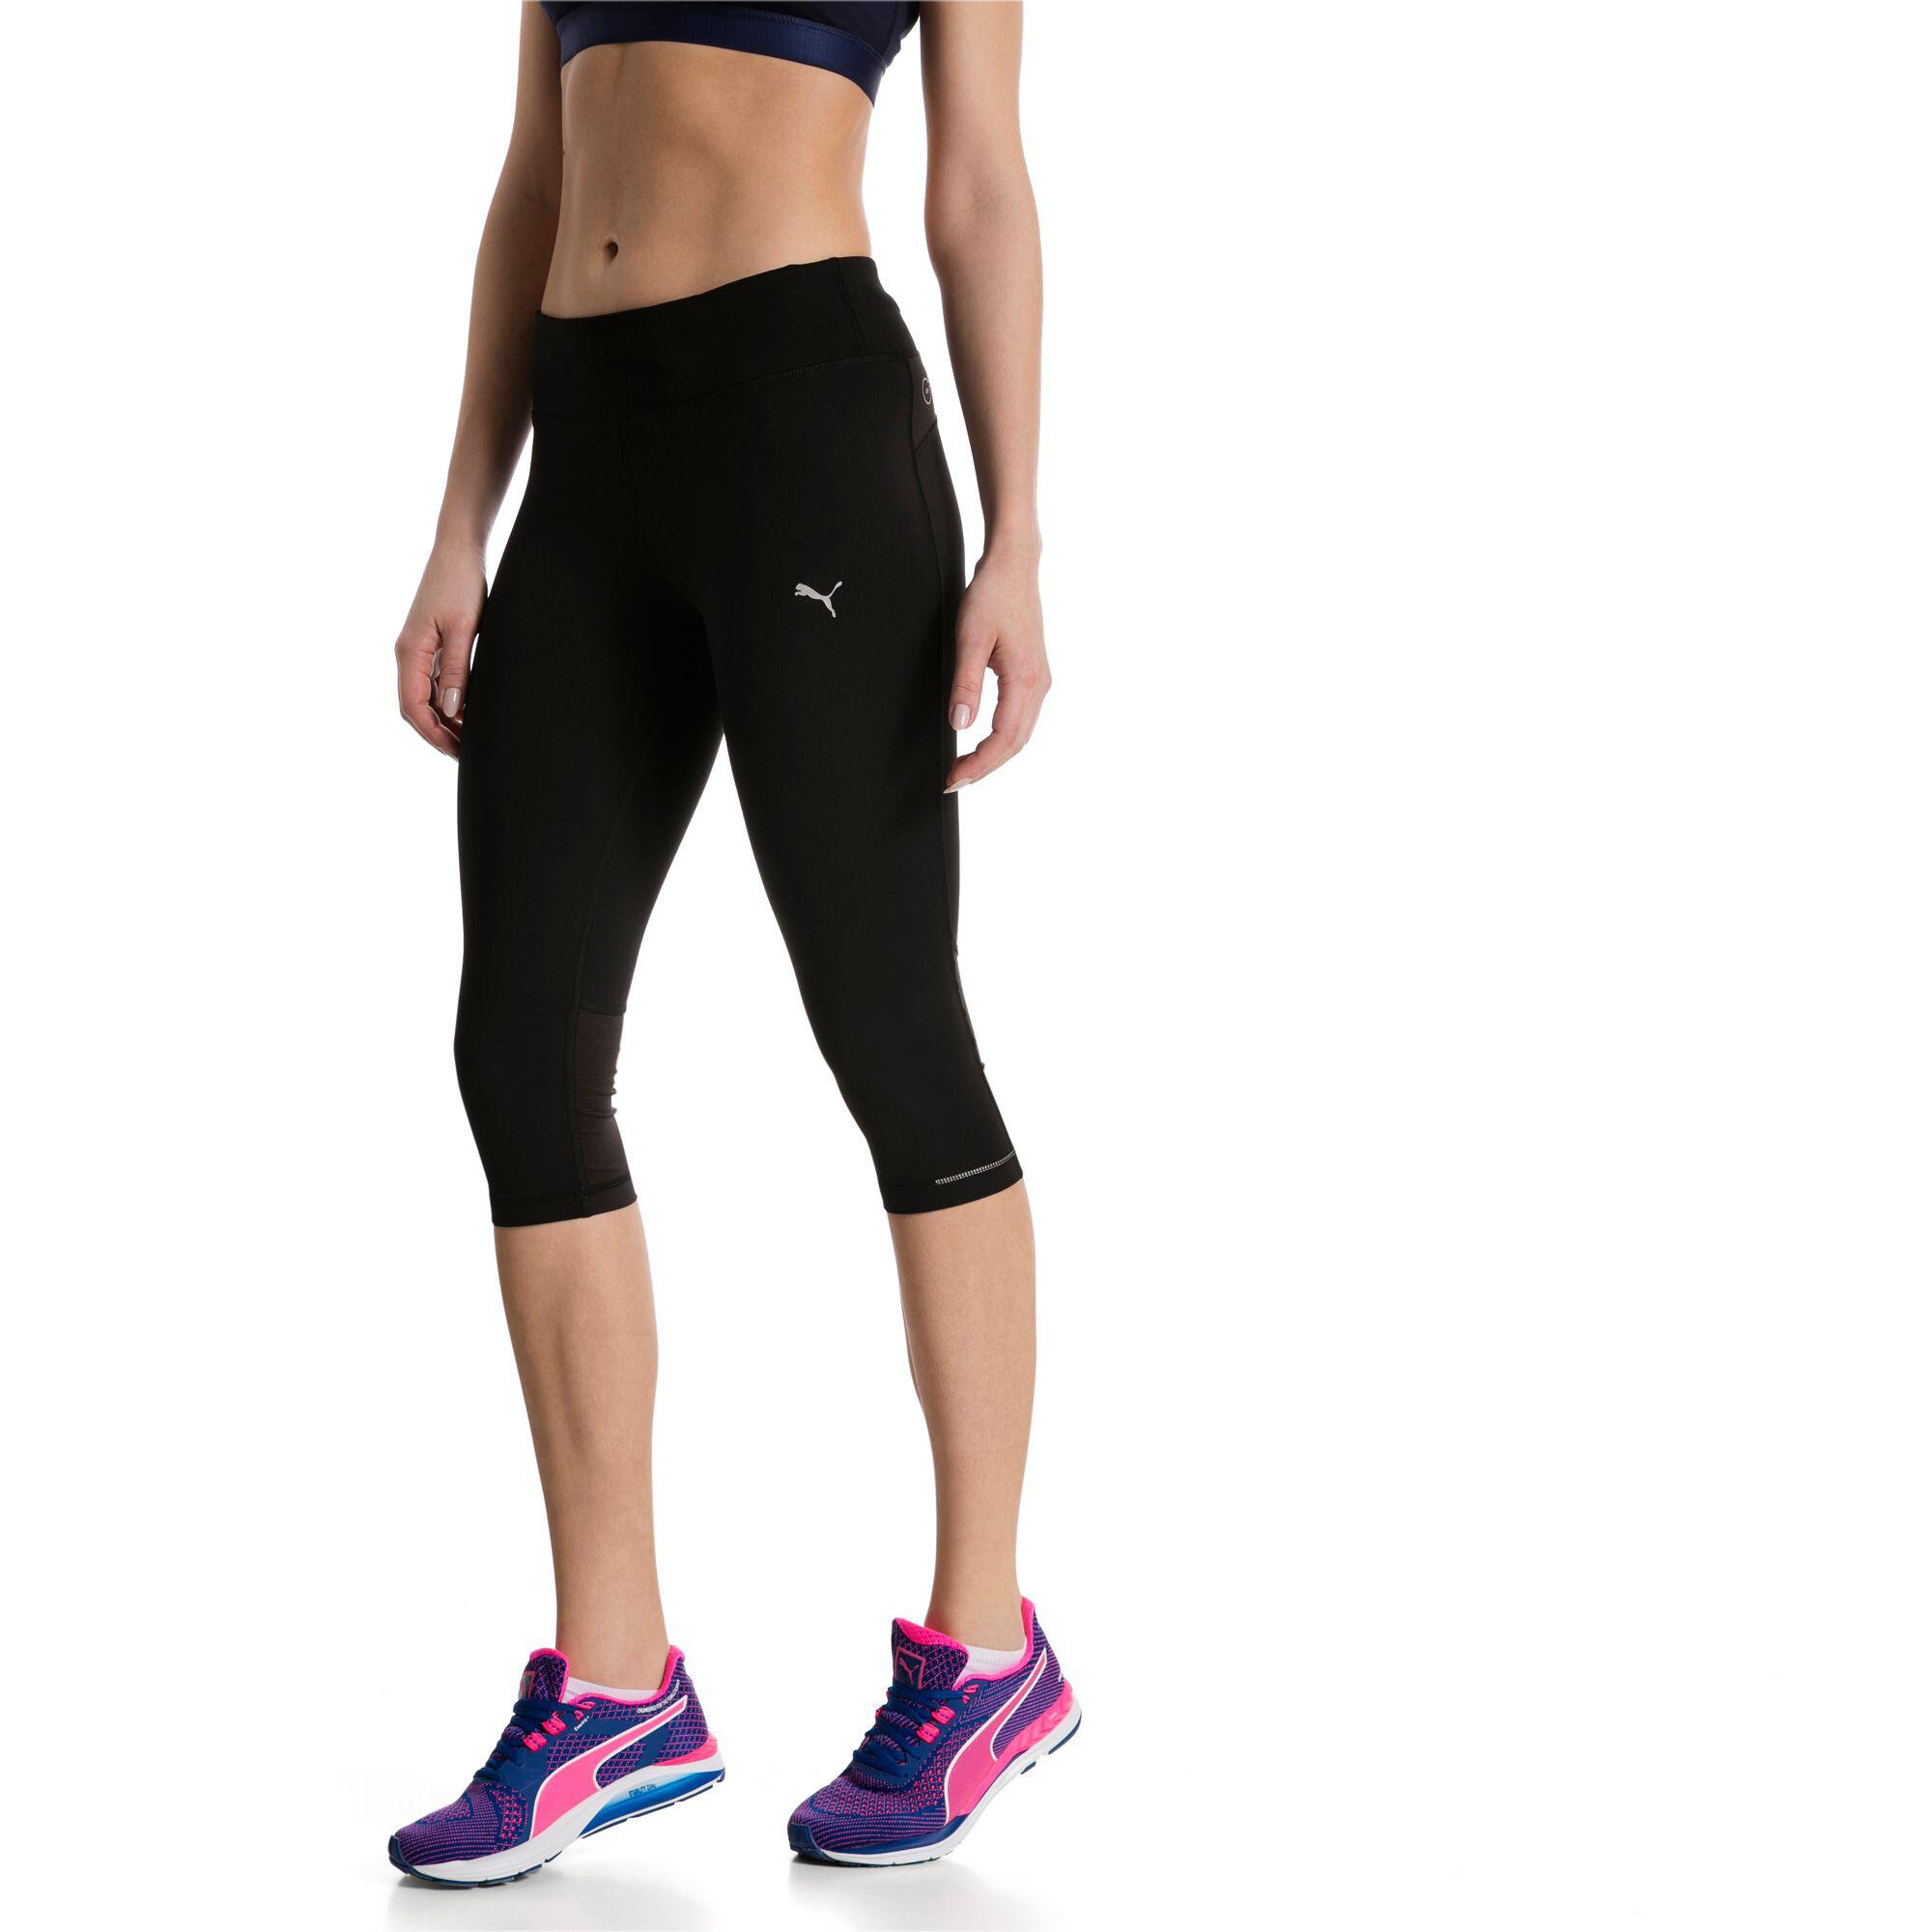 Details zu PUMA Running Damen 3/4 Laufhose Frauen Sporthose Laufen Neu